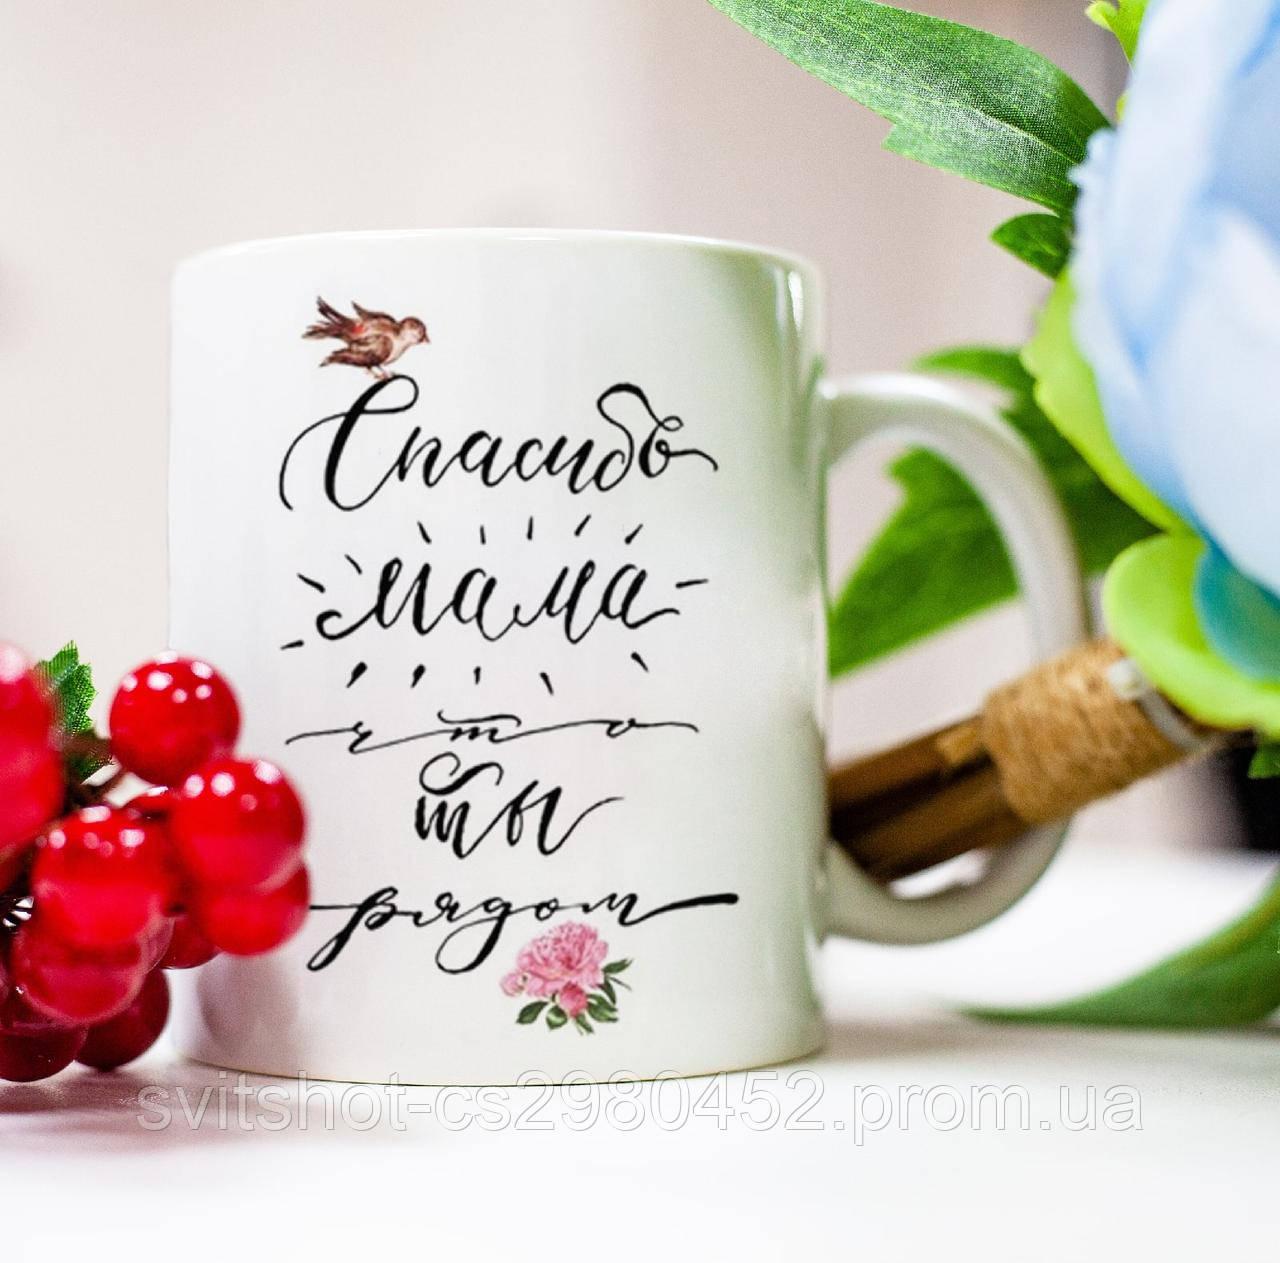 Чашка для Мамы.